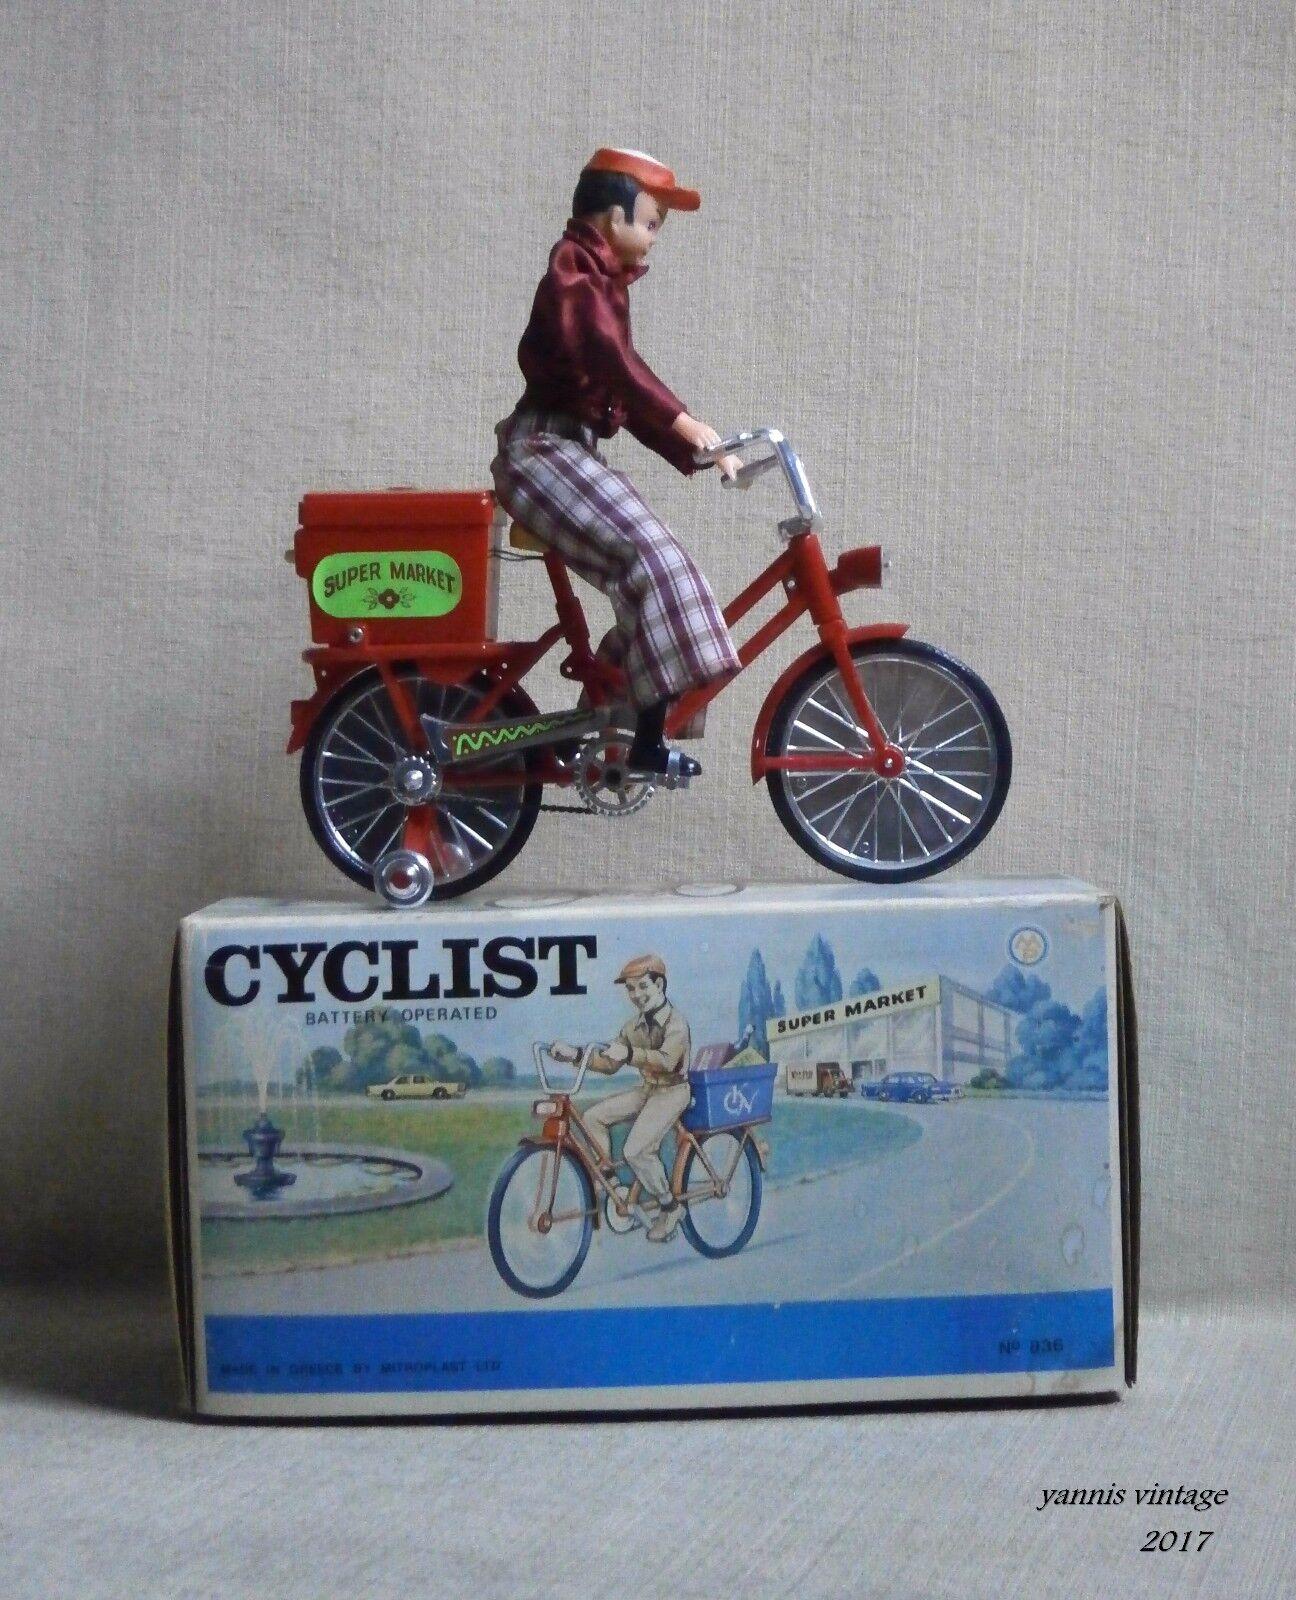 Cyclist NIB B O MADE IN GREECE BY MISTER P Nr 836 VTG GREEK TOY